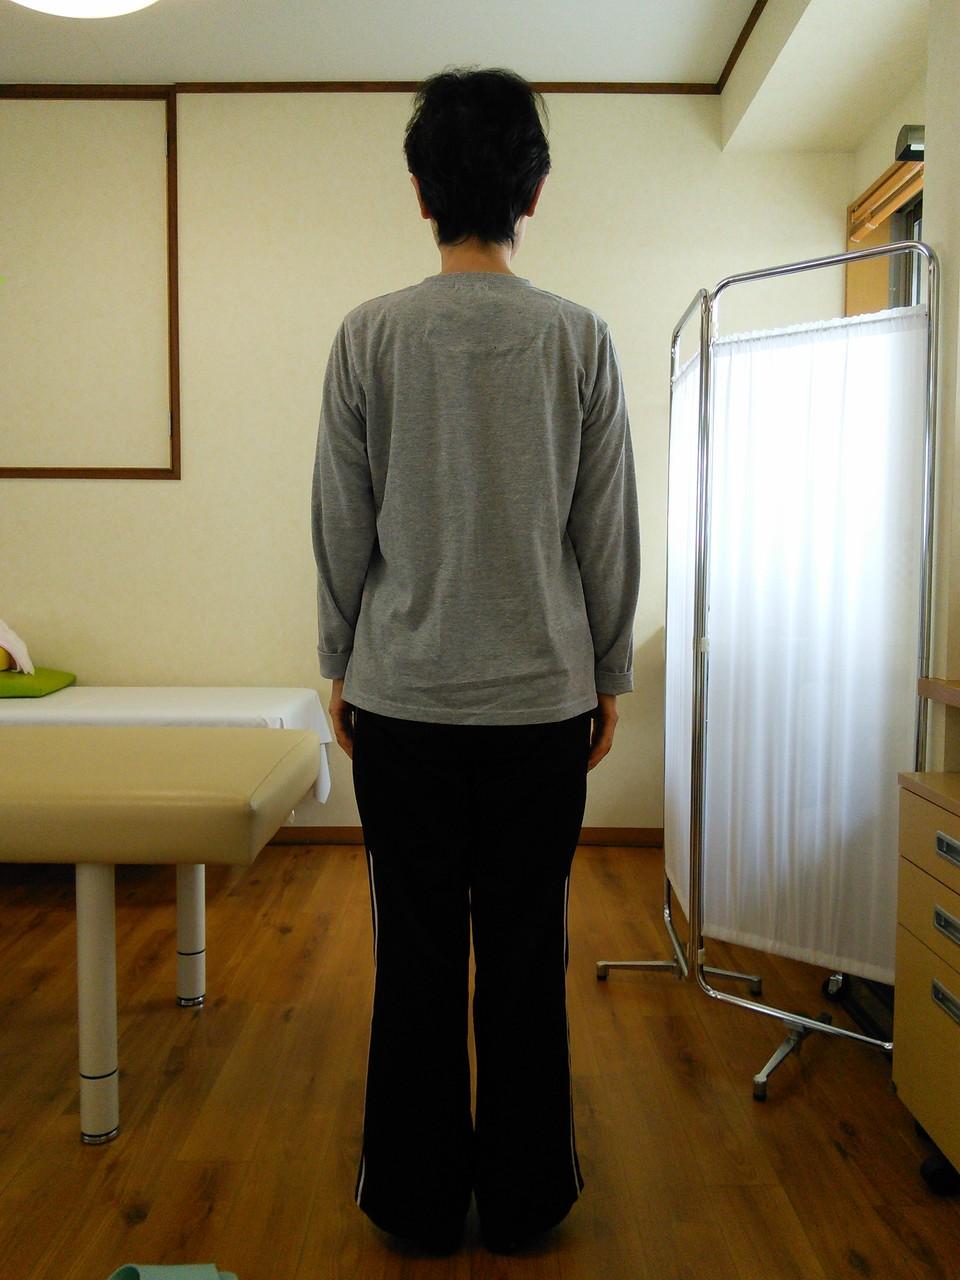 姿勢確認写真 肩こり、姿勢改善